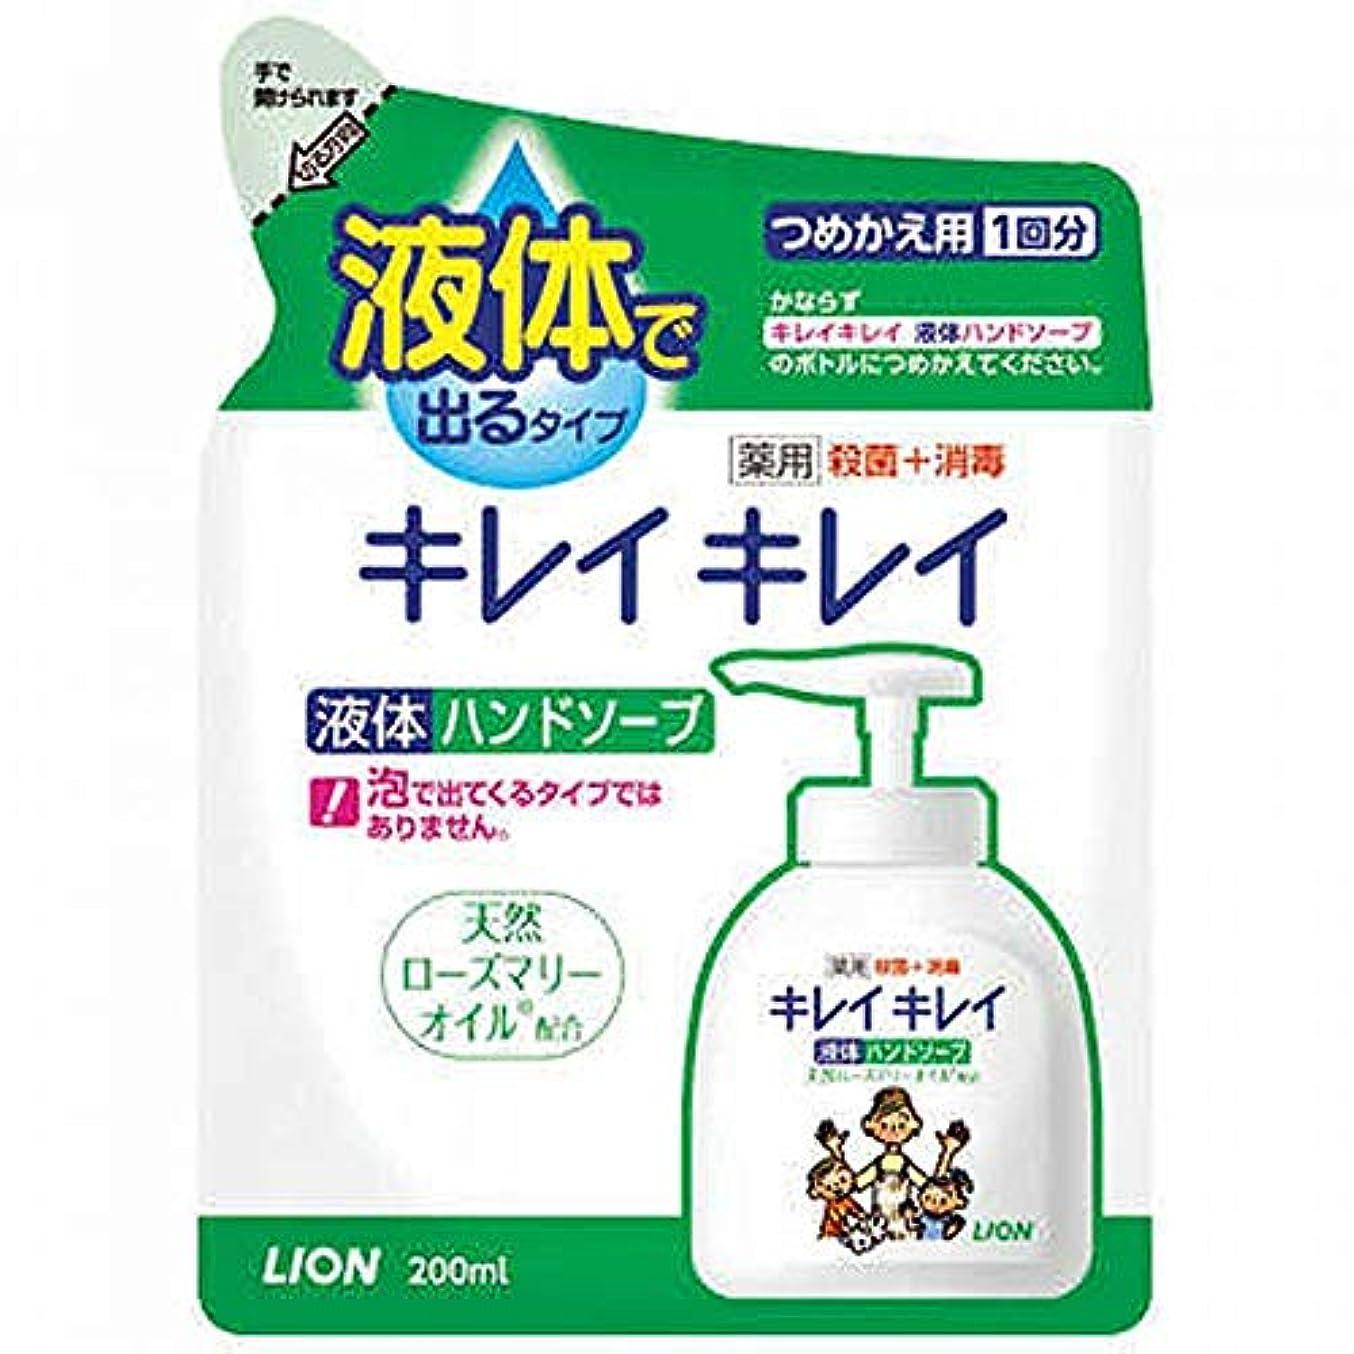 ドライクランプ真珠のようなライオン キレイキレイ 薬用液体ハンドソープ 詰替 200ml ×2セット